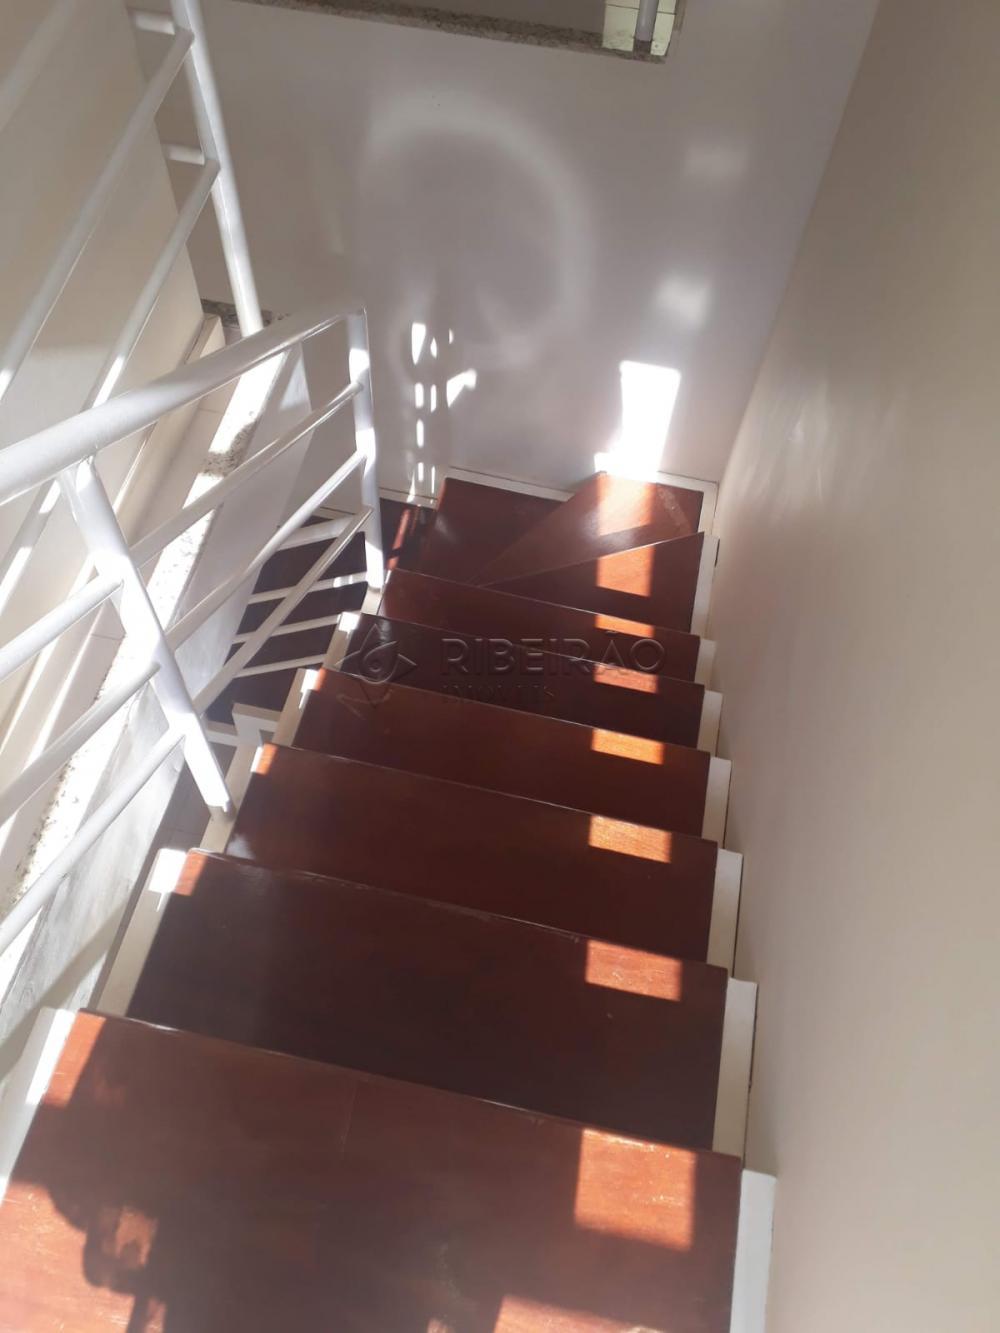 Comprar Apartamento / Padrão em Ribeirão Preto apenas R$ 600.000,00 - Foto 59